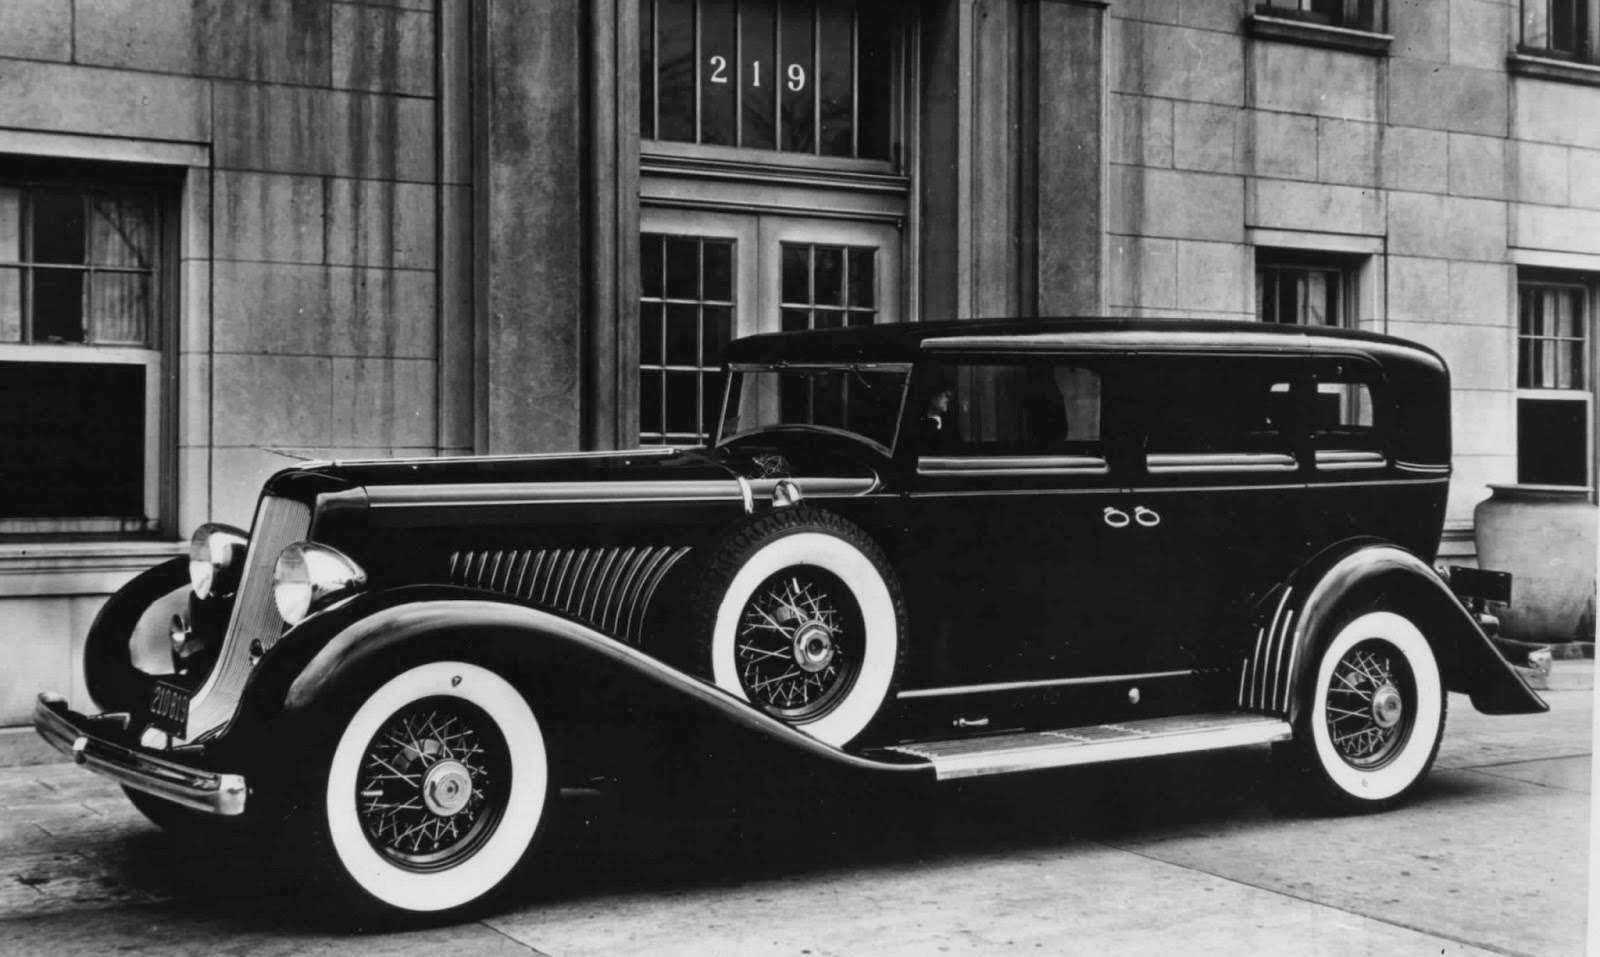 modifikasi motor dan mobil foto mobil antik kerenmodifikasi motor dan mobil. Black Bedroom Furniture Sets. Home Design Ideas